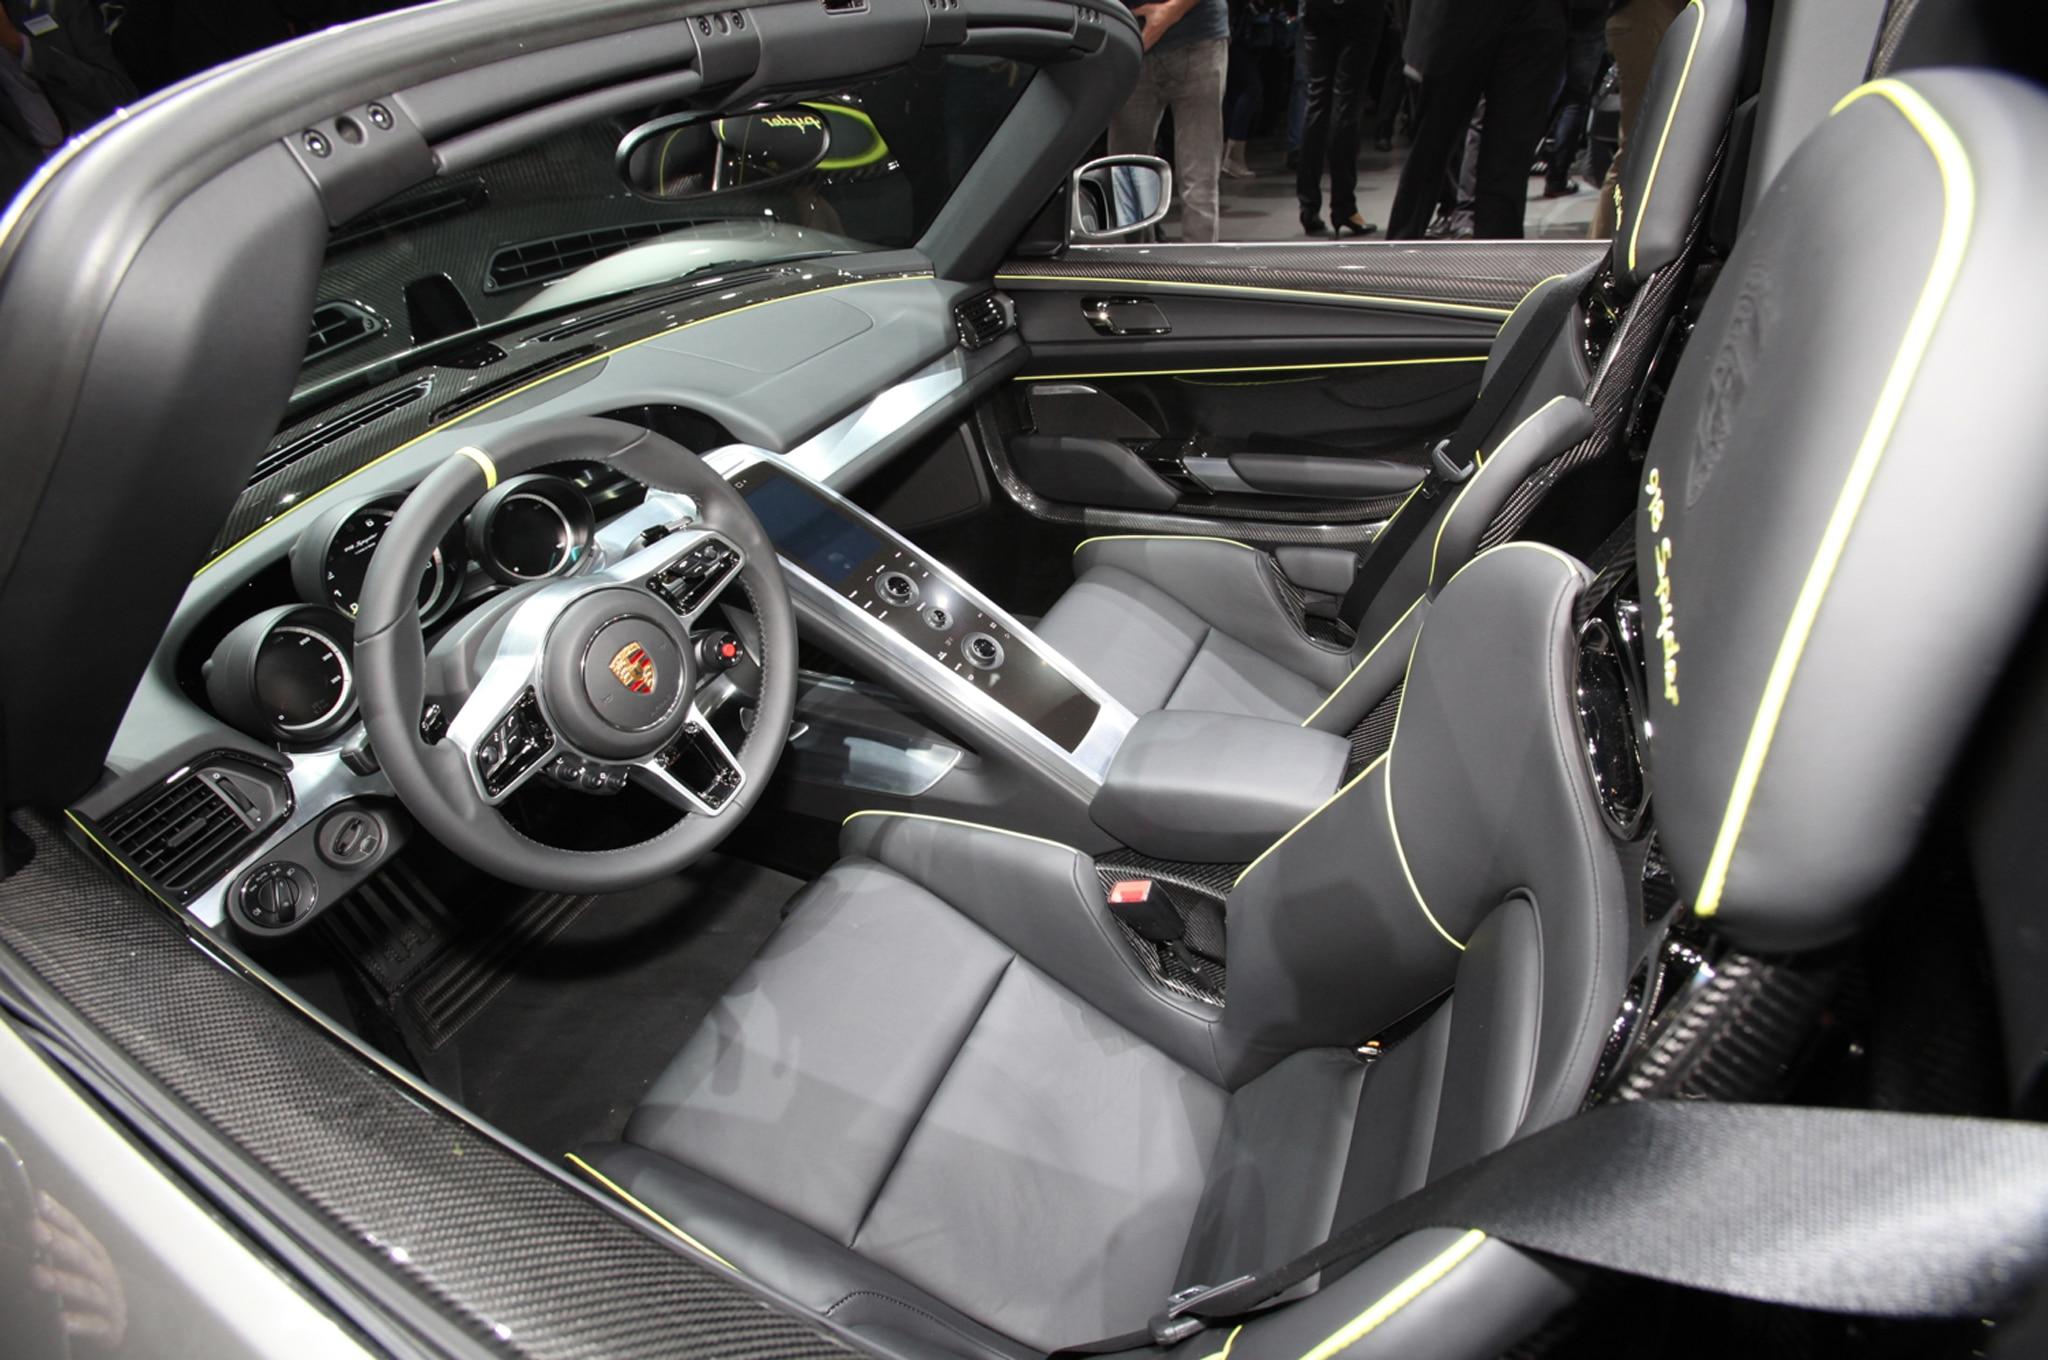 2015 Porsche 918 Spyder Production Details  Porsche 918 Spyder 2015 Interior